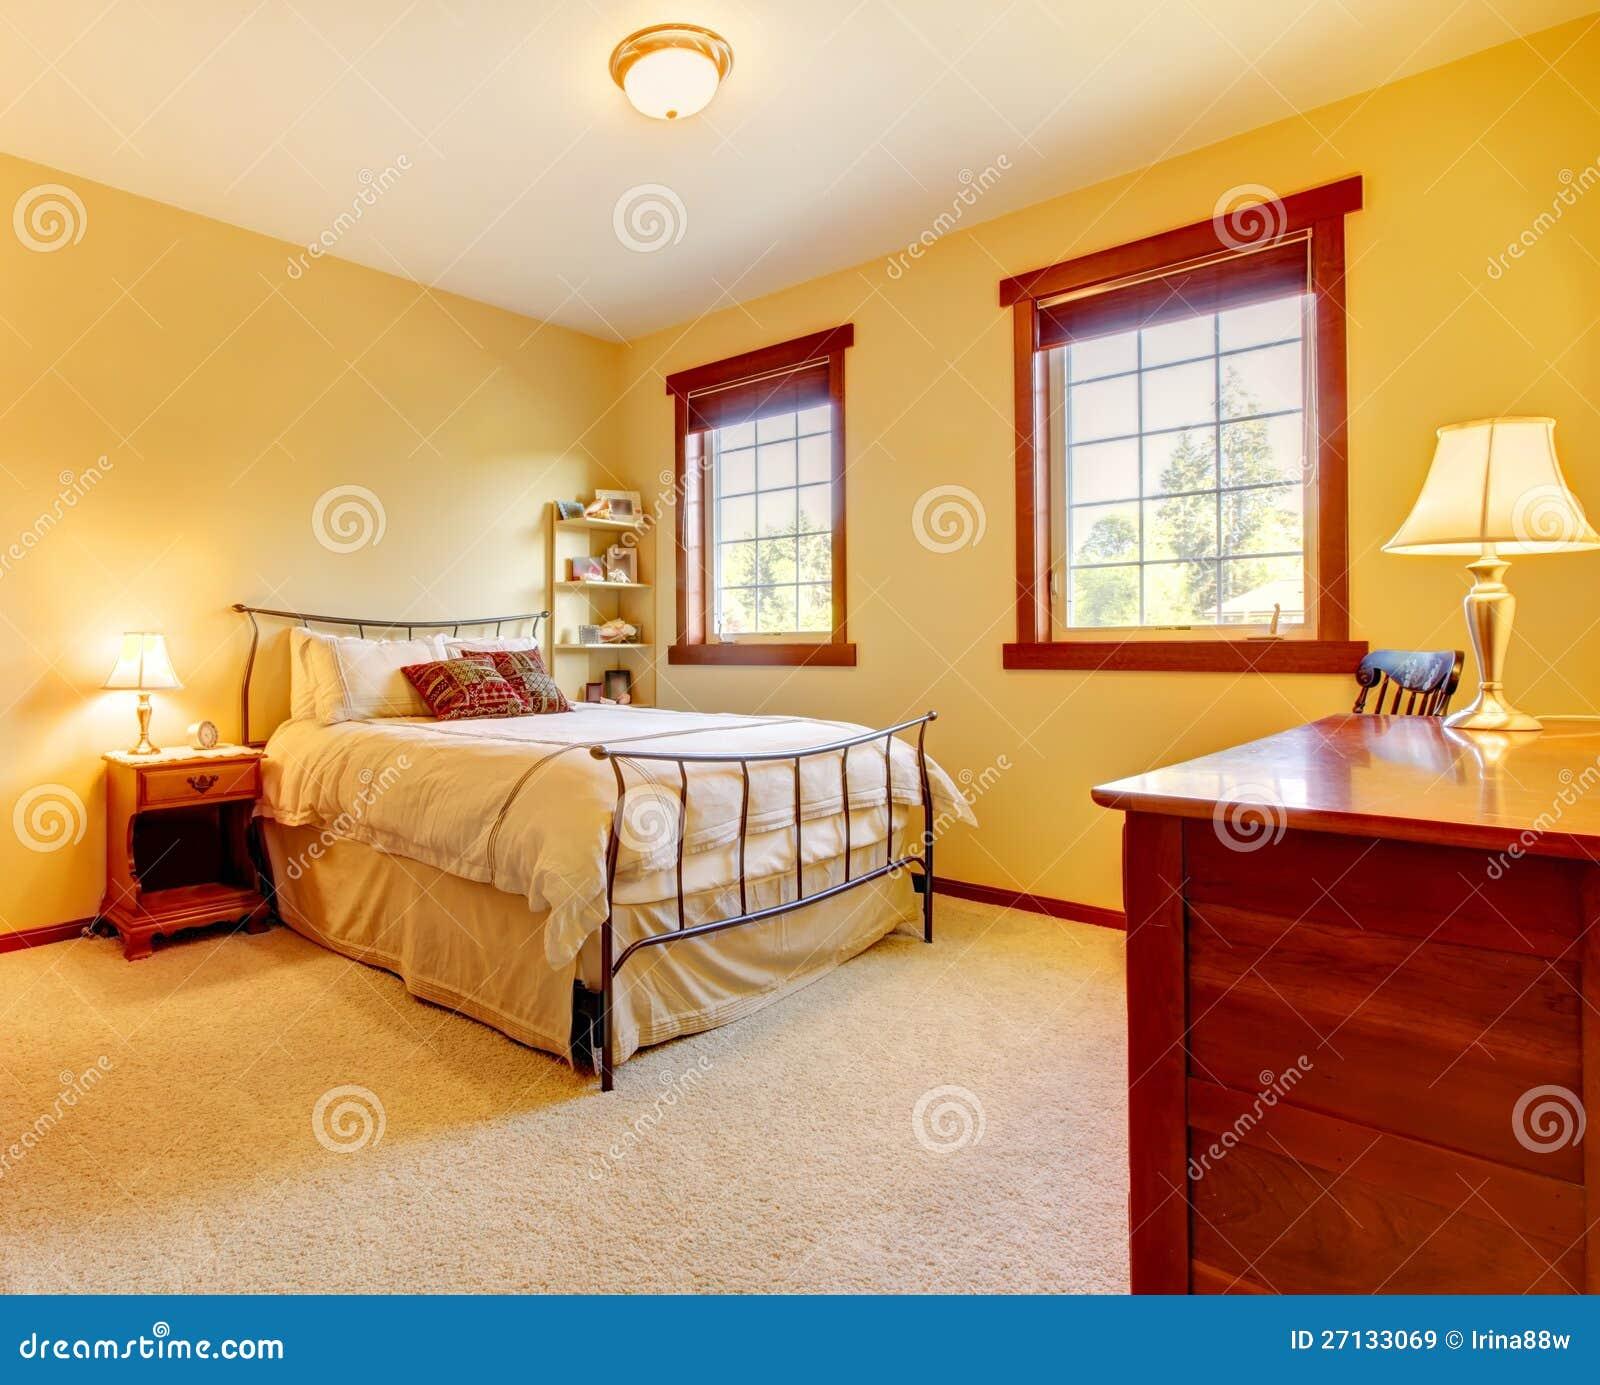 Großes Schlafzimmer Mit Metallbett Und Zwei Fenstern. Stockbild ...